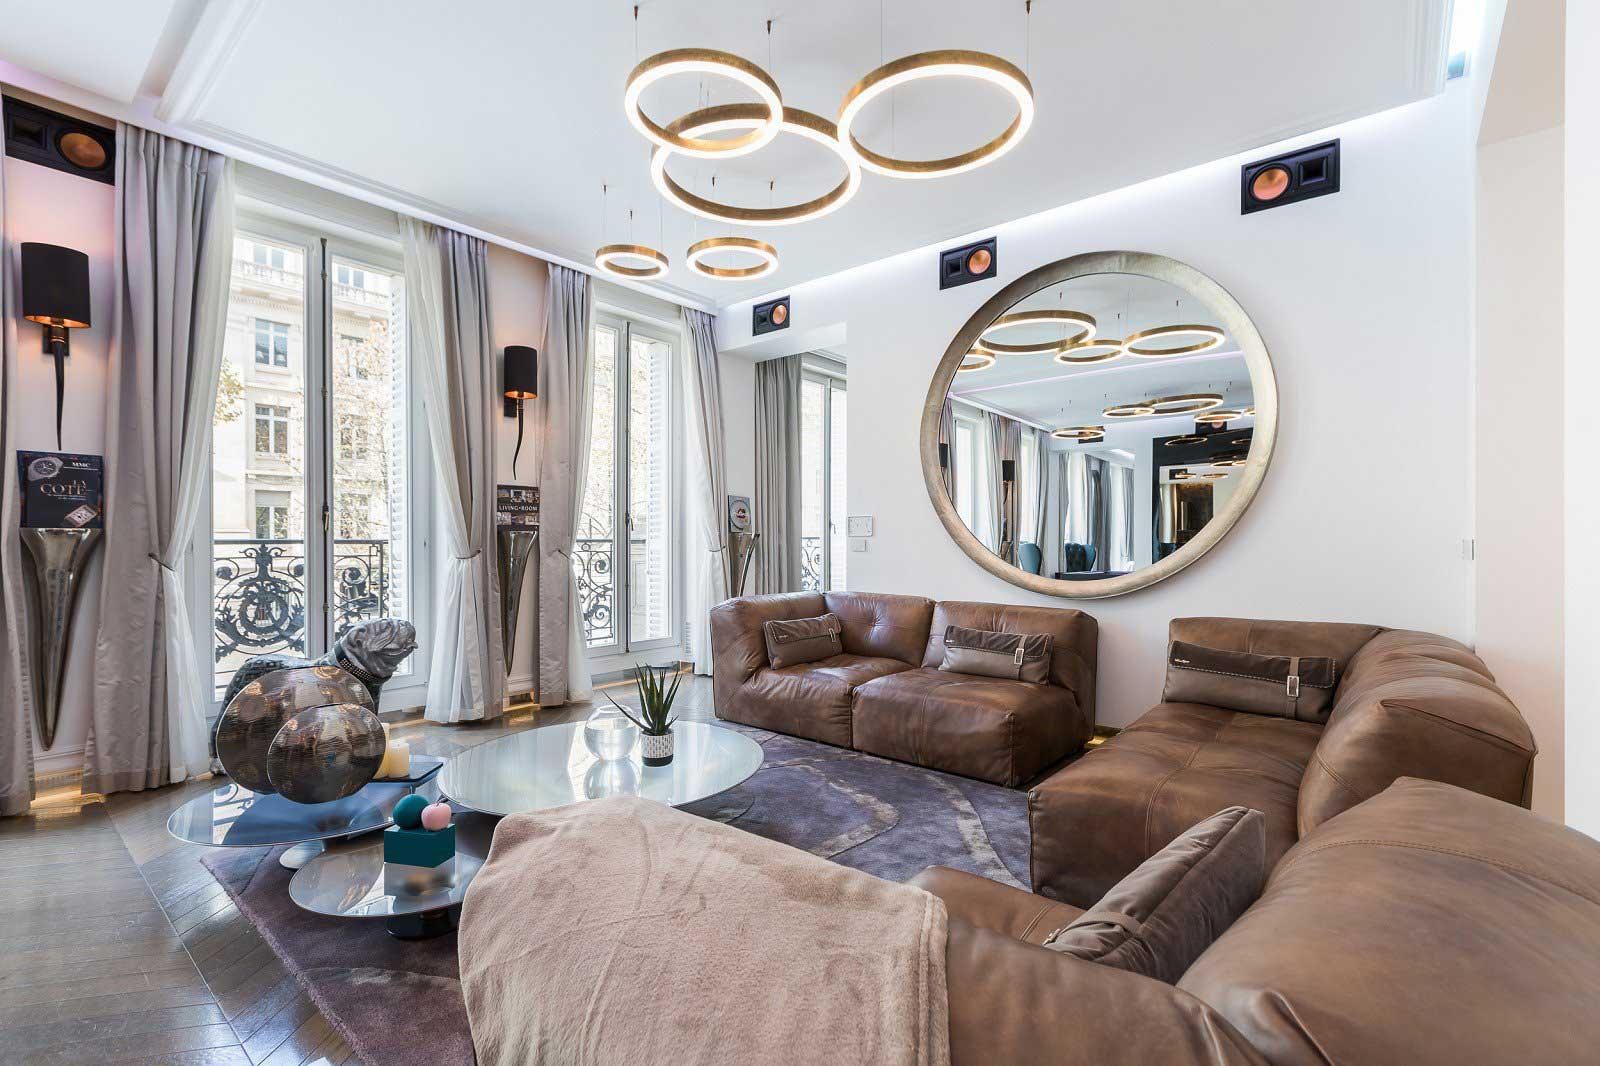 Paris 75016 - France - Apartment , 6 rooms - Slideshow Picture 2